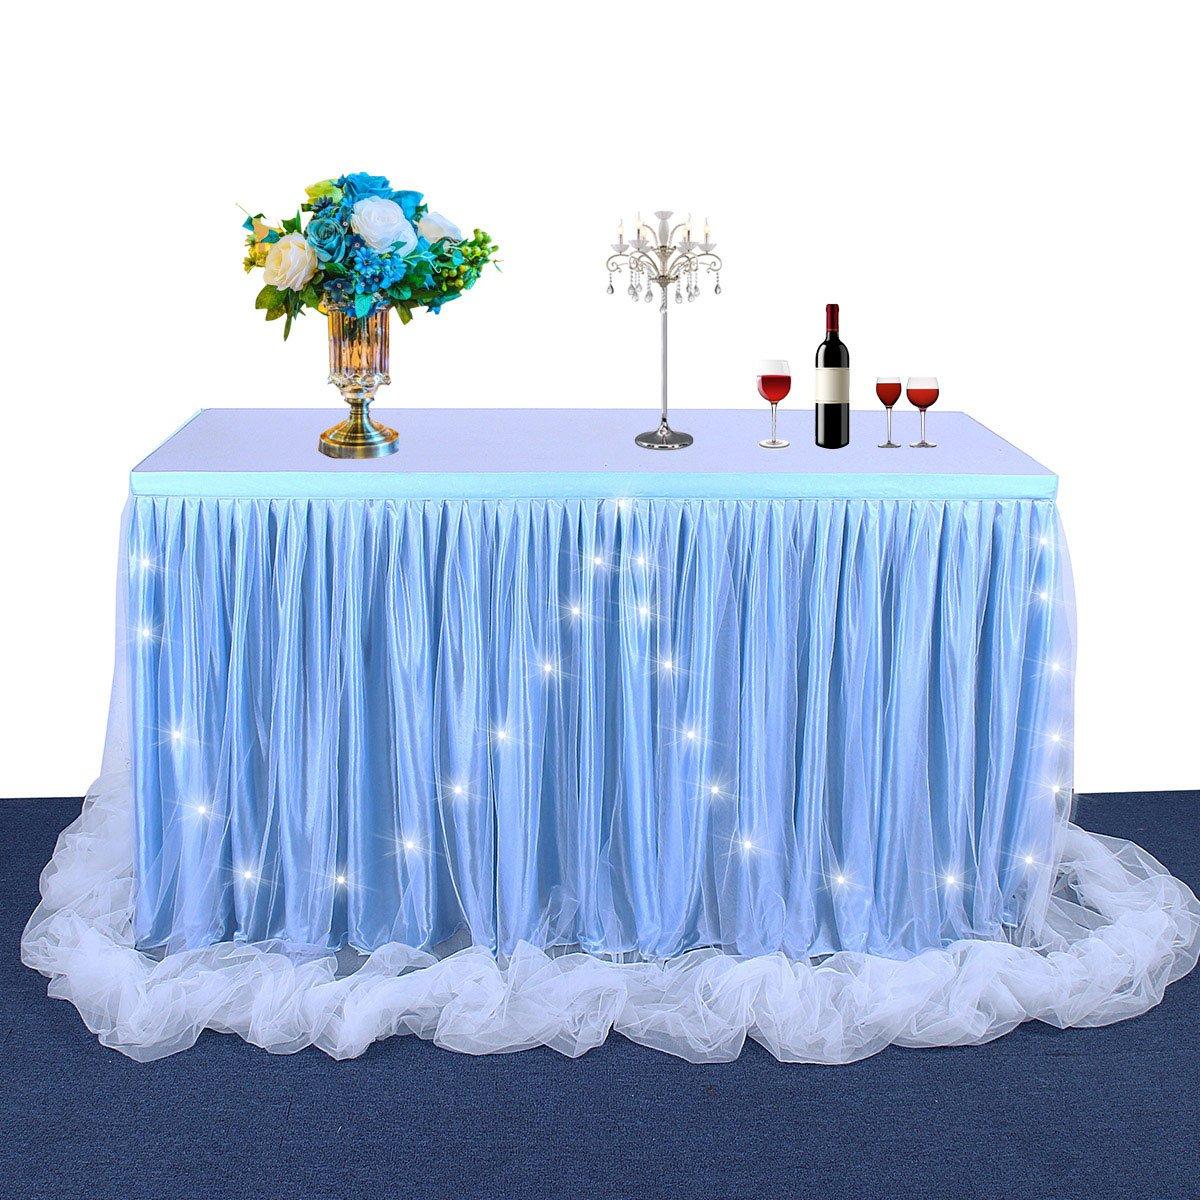 HBBMagic Falda de Mesa LED 6 pies de Tul Rosa Falda de Mesa Mesa de tut/ú Falda para rect/ángulo o Mesa Redonda para Baby Shower Boda y Fiesta de cumplea/ños